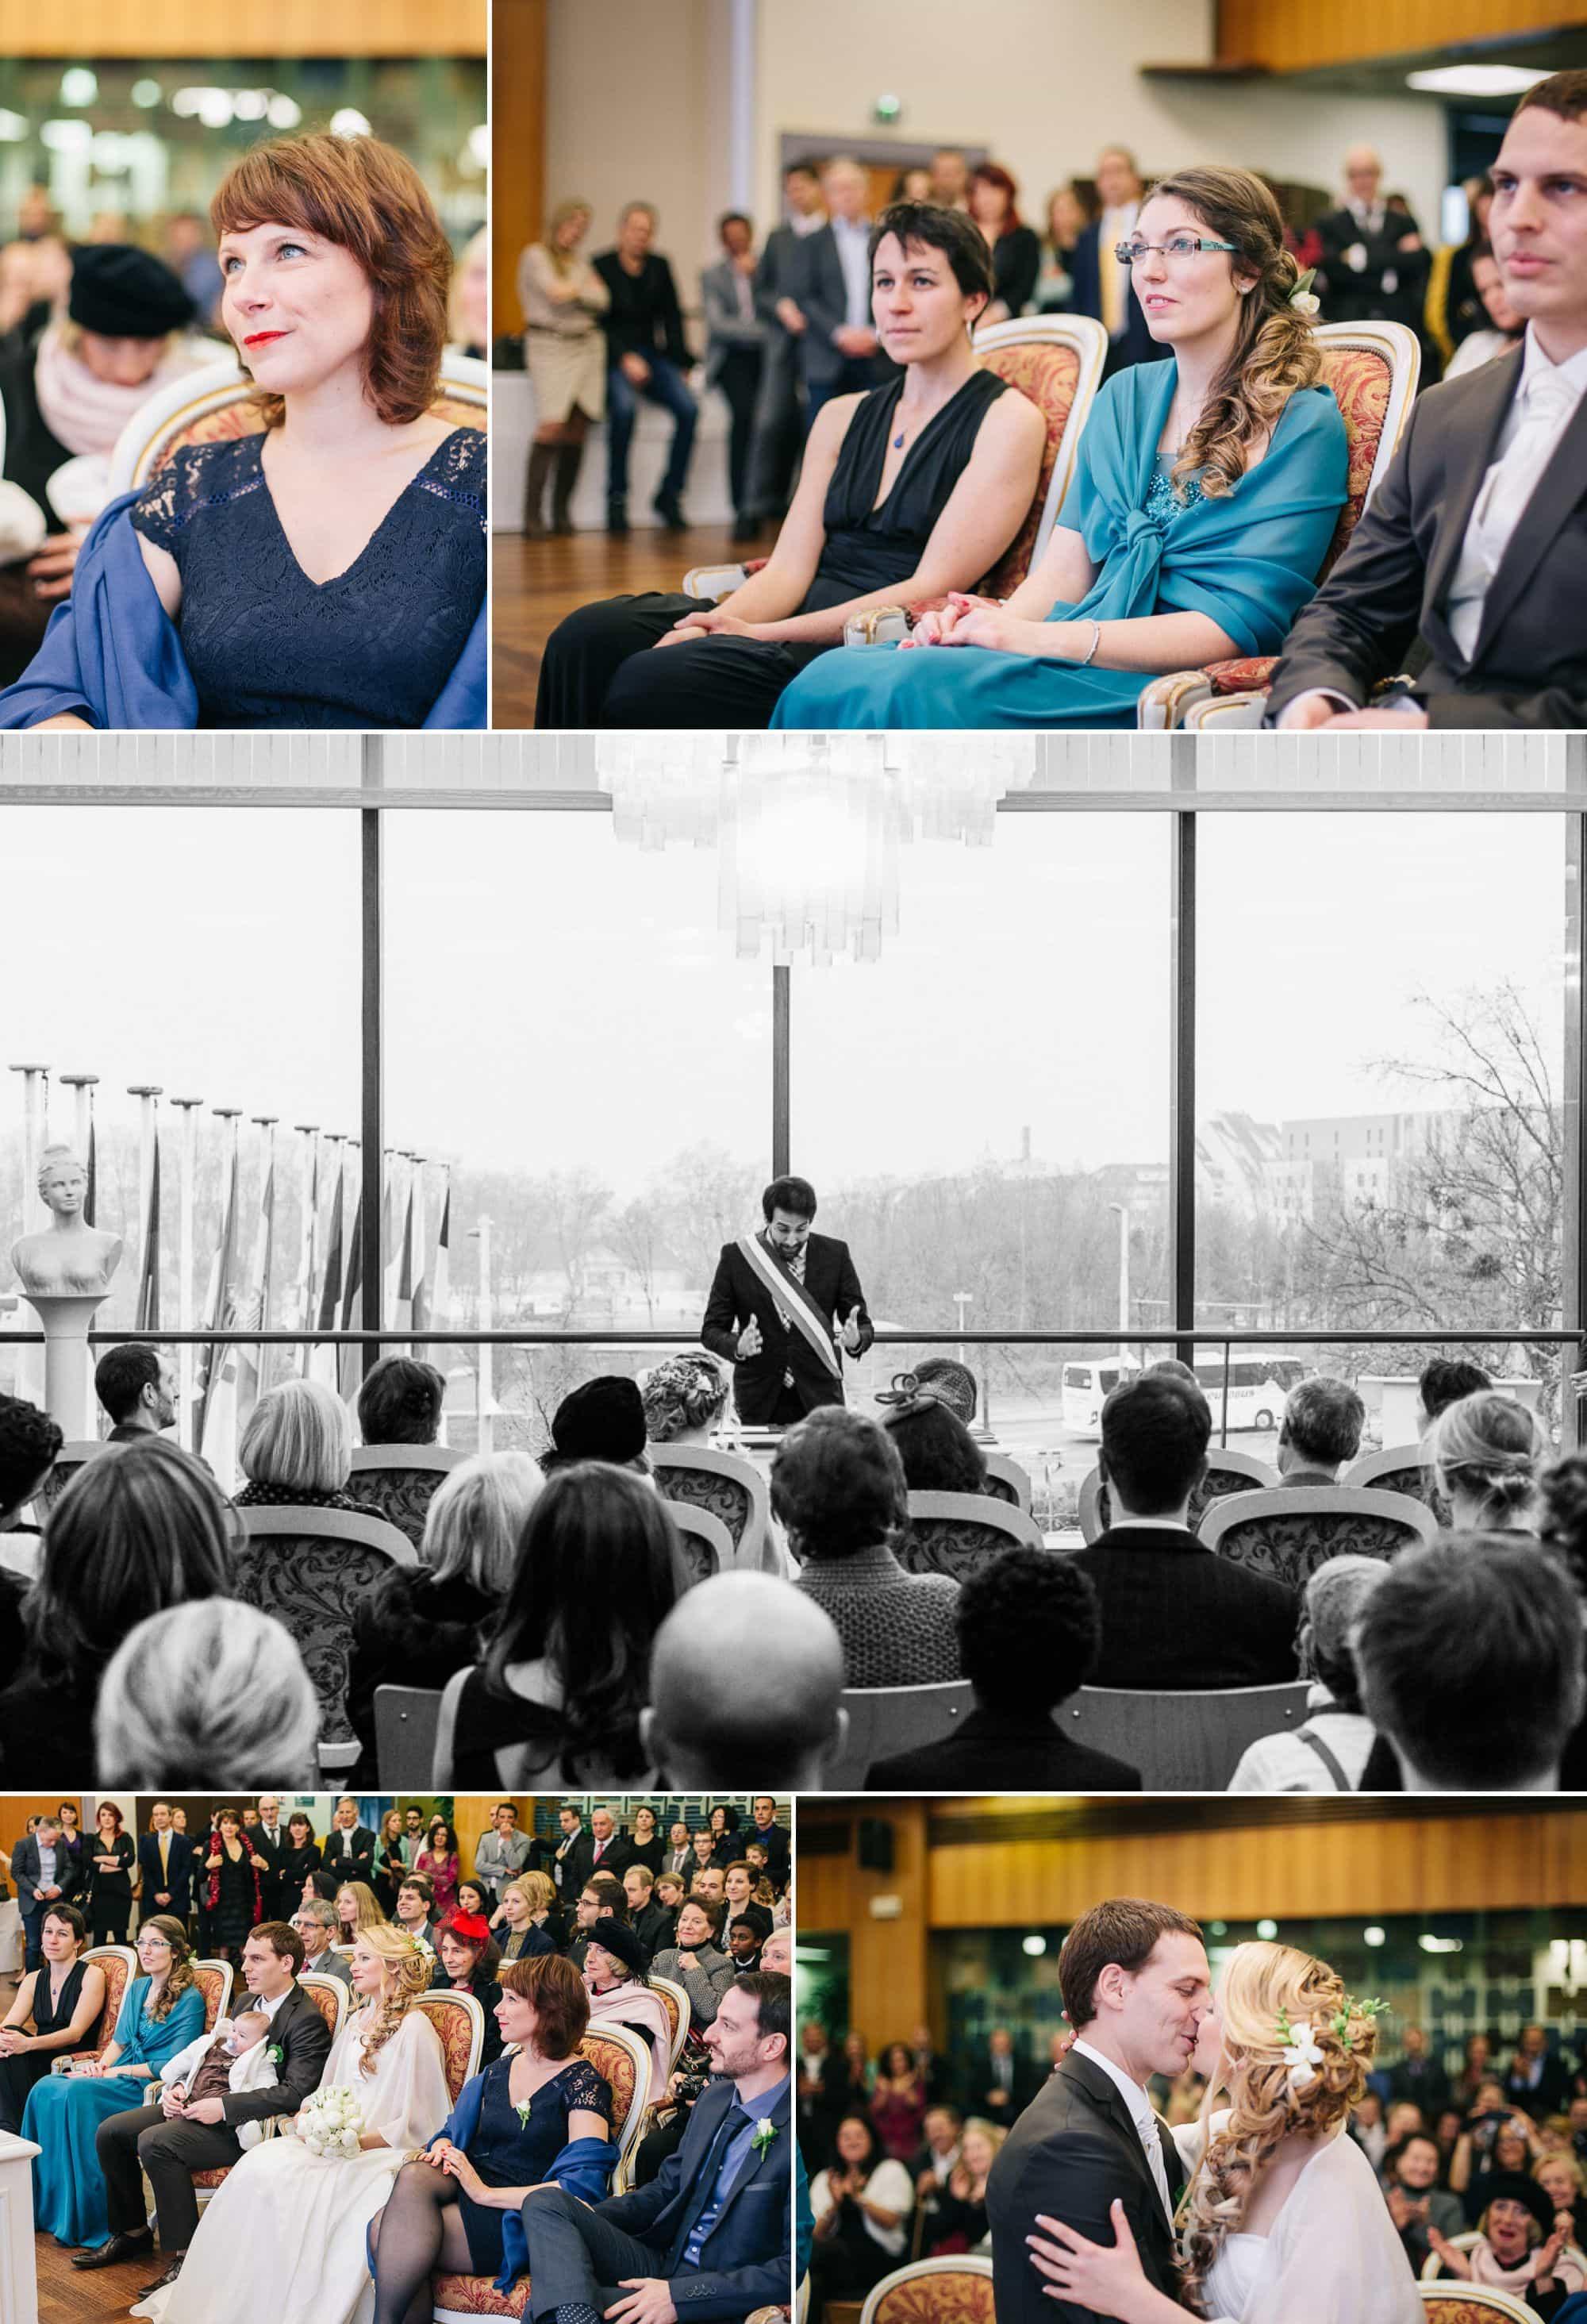 Le mariage en hiver à Strasbourg